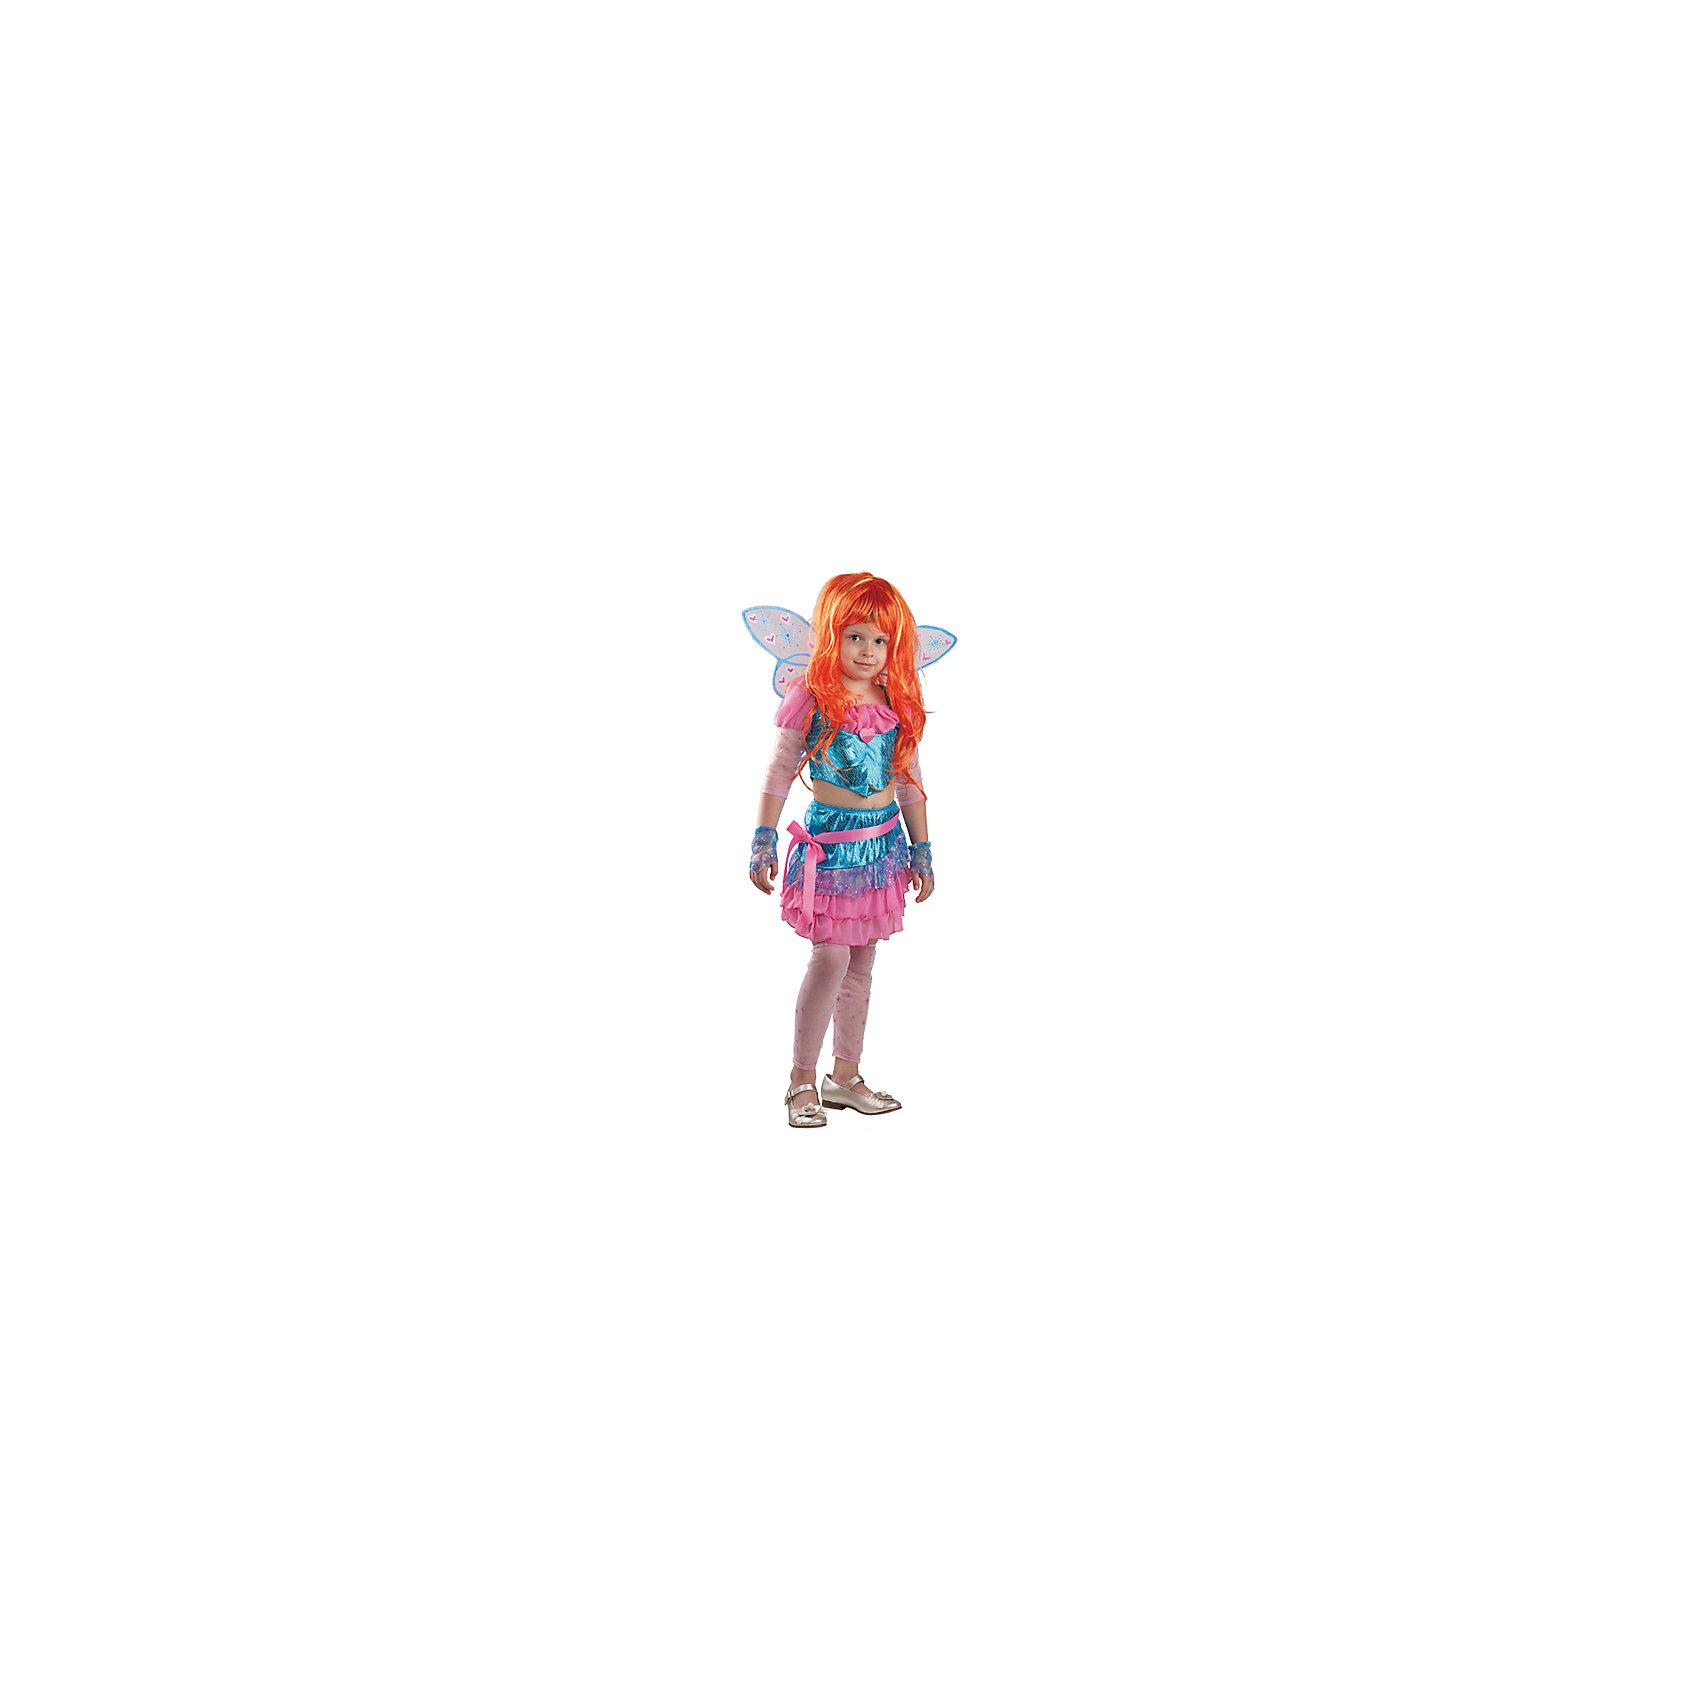 Карнавальный костюм Блум, БатикКарнавальные костюмы и аксессуары<br>Карнавальный костюм Блум, Батик<br><br>Характеристики:<br><br>• Материал: атлас (100% полиэстер).<br>• Цвет: разноцветный.<br><br>В комплекте:<br><br>• юбка;<br>• топ;<br>• крылья;<br>• парик;<br>• митенки;<br>• гольфы;<br>• брошь «сердечко».<br><br>Ваша девочка поклонница историй о феях-волшебницах Винкс? Тогда этот костюм для неё!  Костюм Блум - одной из главных героинь сказочной истории - воссоздаёт образ персонажа в мельчайших деталях. Рыжий парик, легкие крылышки – все это поможет вашей девочке перевоплотиться в фею Блум. В таком карнавальном костюме, «Блум», ваша девочка получит максимальное удовольствие от праздника и подарит радость окружающим!<br><br>Карнавальный костюм Блум, Батик можно купить в нашем интернет – магазине.<br><br>Ширина мм: 500<br>Глубина мм: 50<br>Высота мм: 700<br>Вес г: 600<br>Цвет: белый<br>Возраст от месяцев: 60<br>Возраст до месяцев: 72<br>Пол: Женский<br>Возраст: Детский<br>Размер: 30,32<br>SKU: 5092531